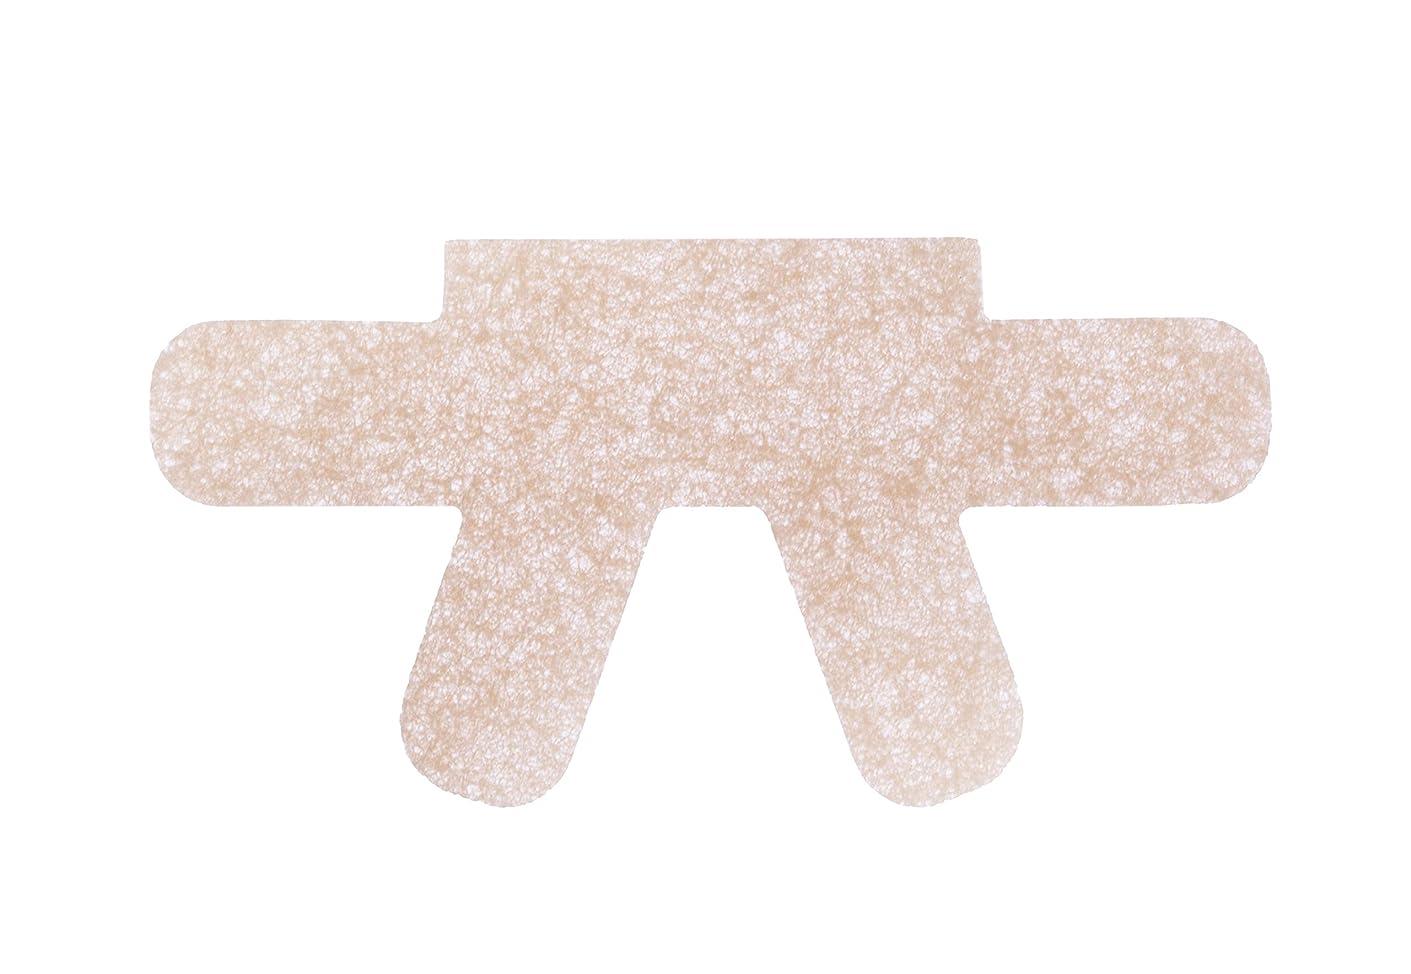 細菌ワイプ乳白色簡単貼るだけ 巻き爪食い込みガードテープ